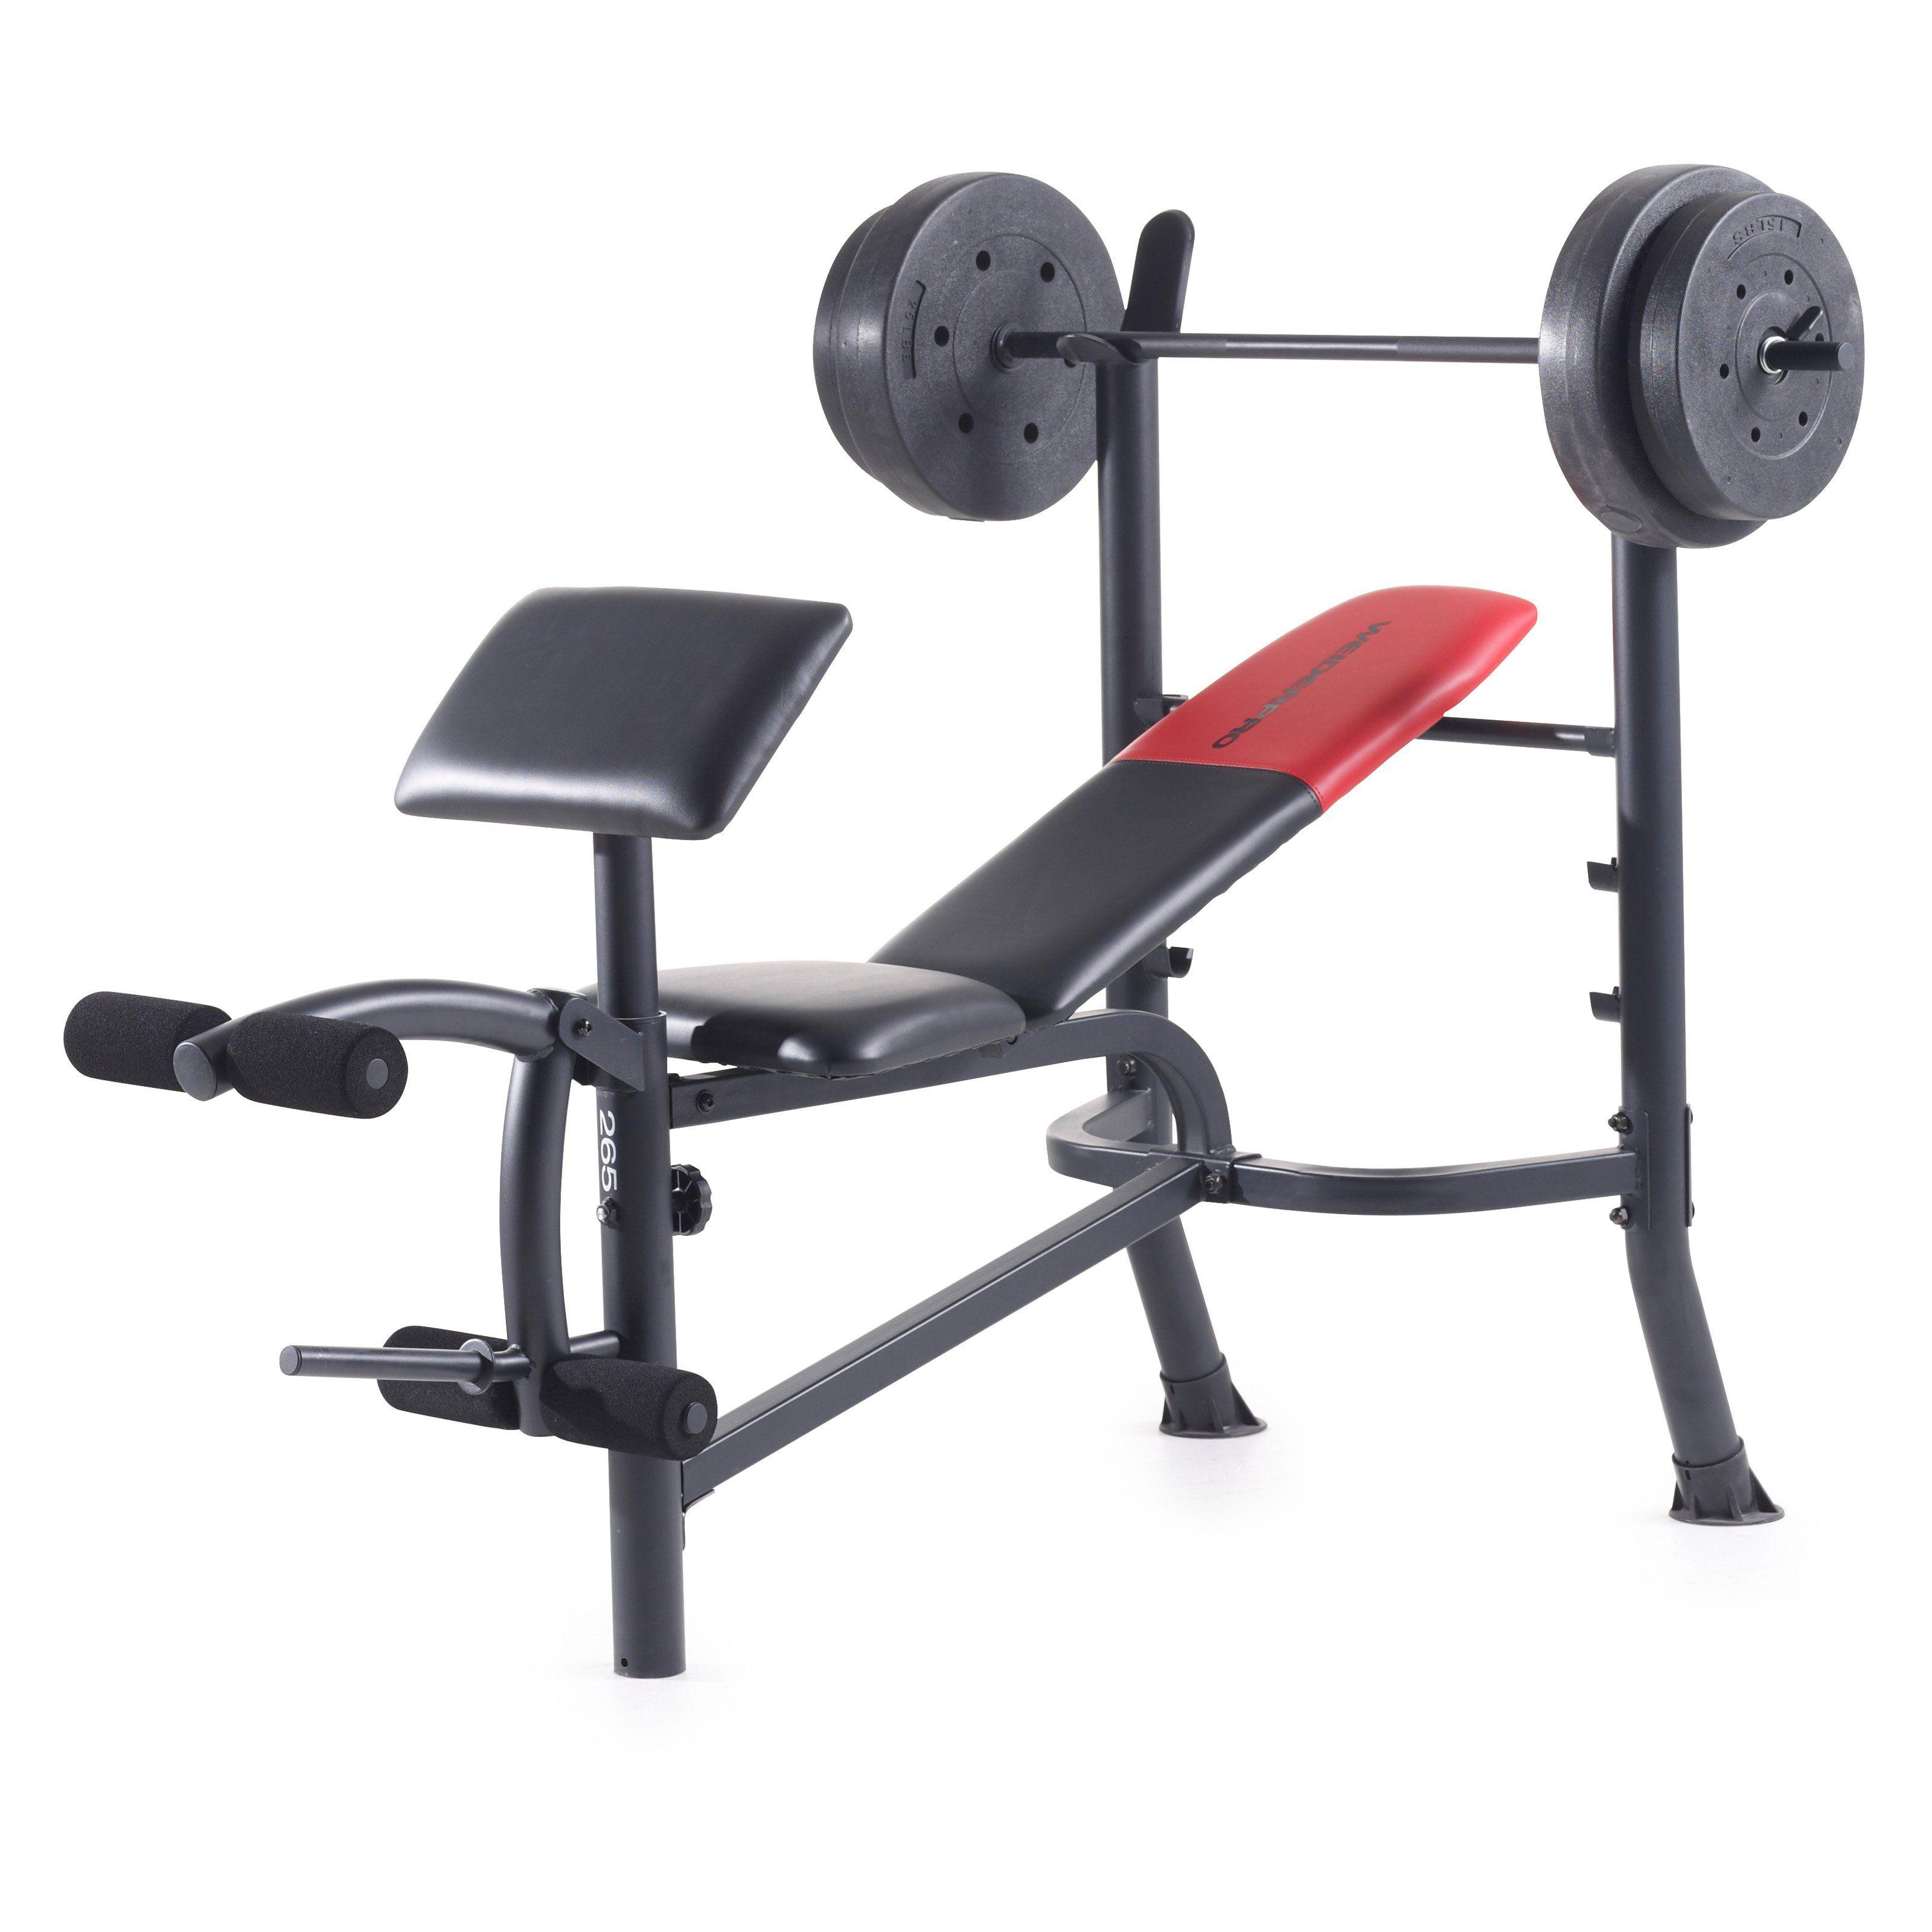 Weider Pro 265 Bench Press 15963 Weight Bench Set Weight